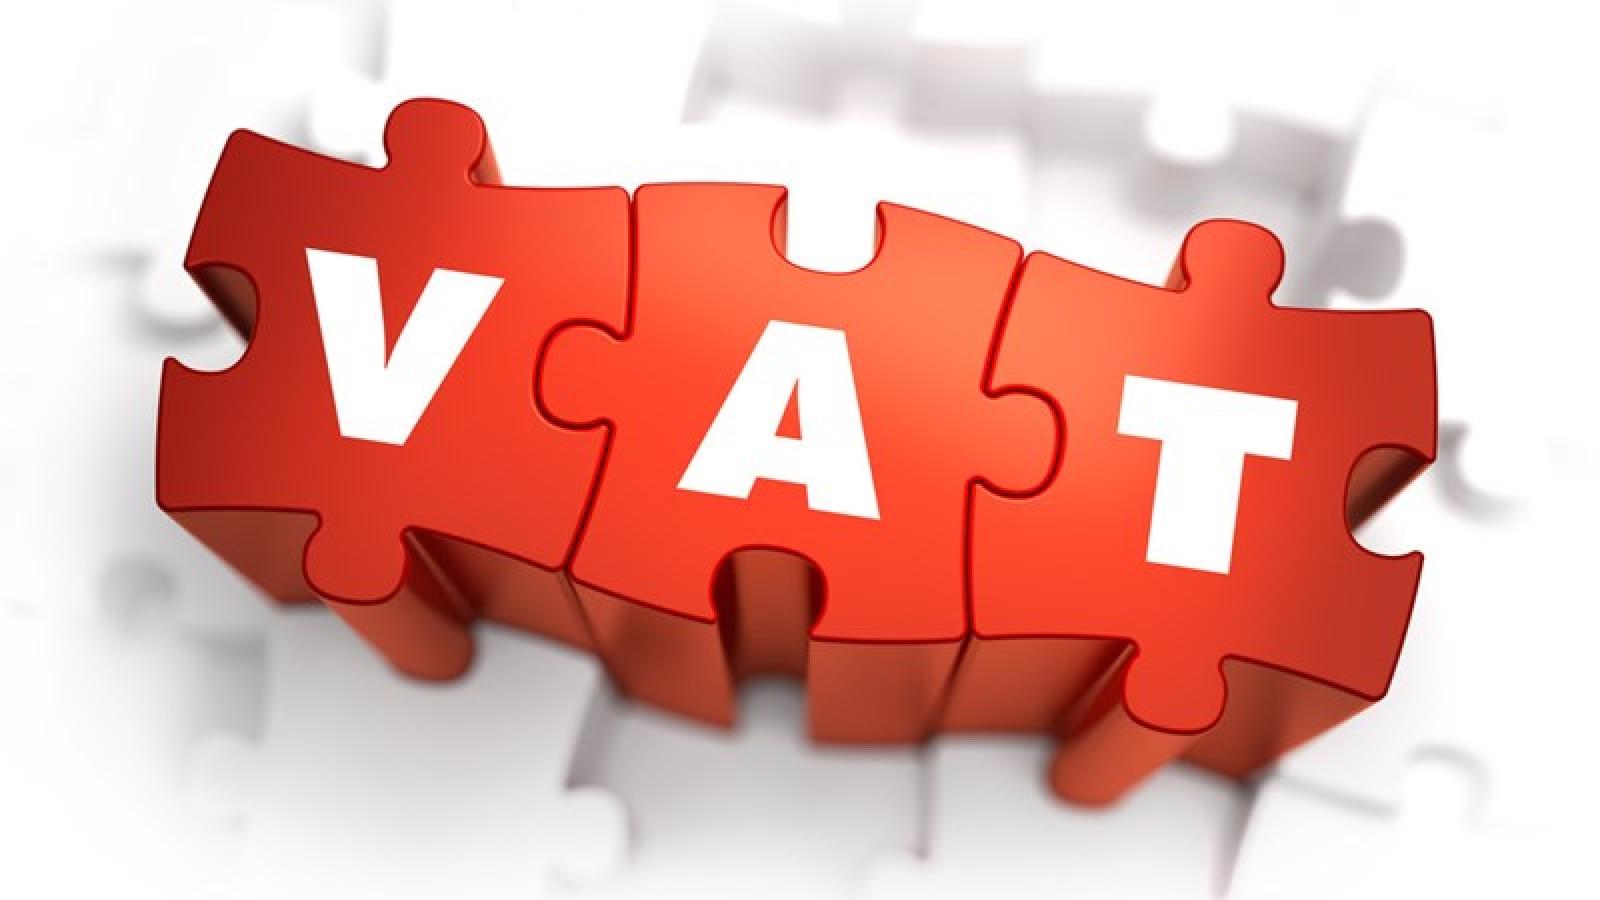 Chuyển nhượng bất động sản tính thuế giá trị gia tăng như thế nào?